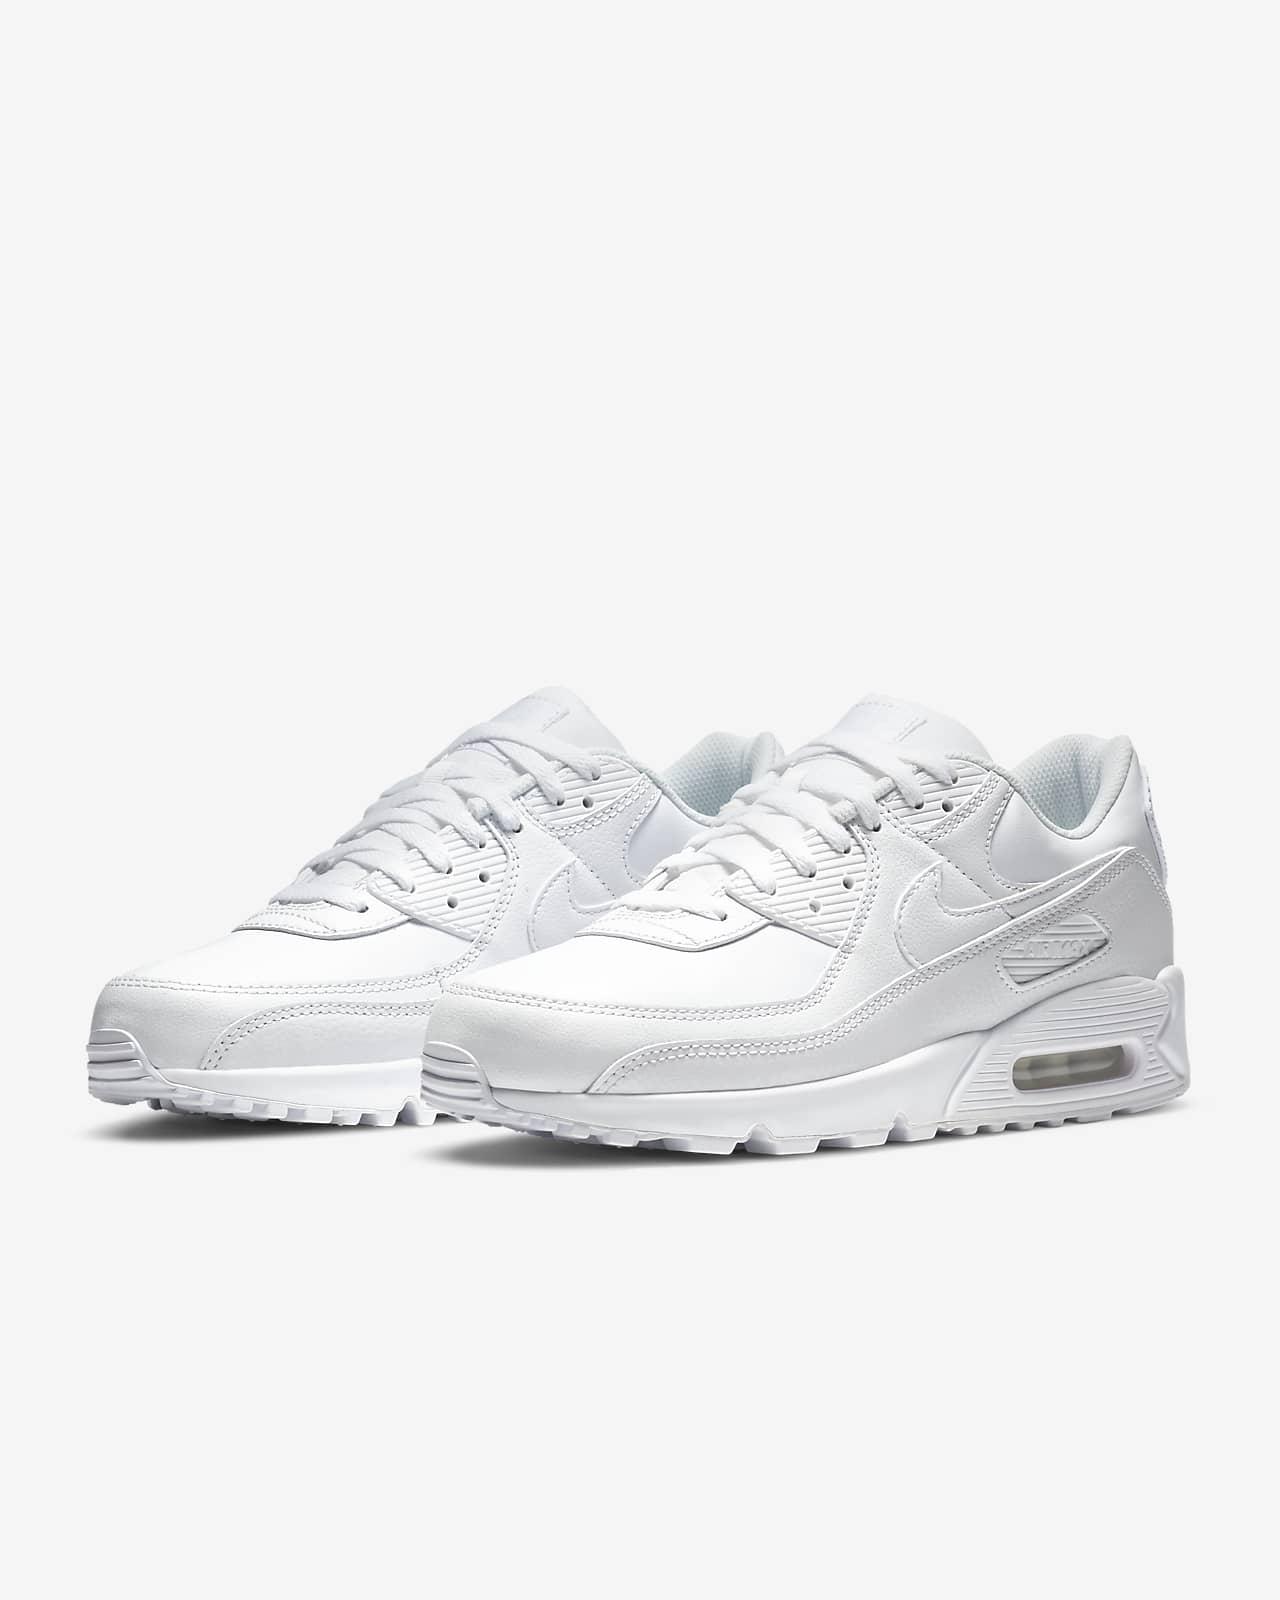 Air Max 90 LTR Men's Shoe. Nike CA